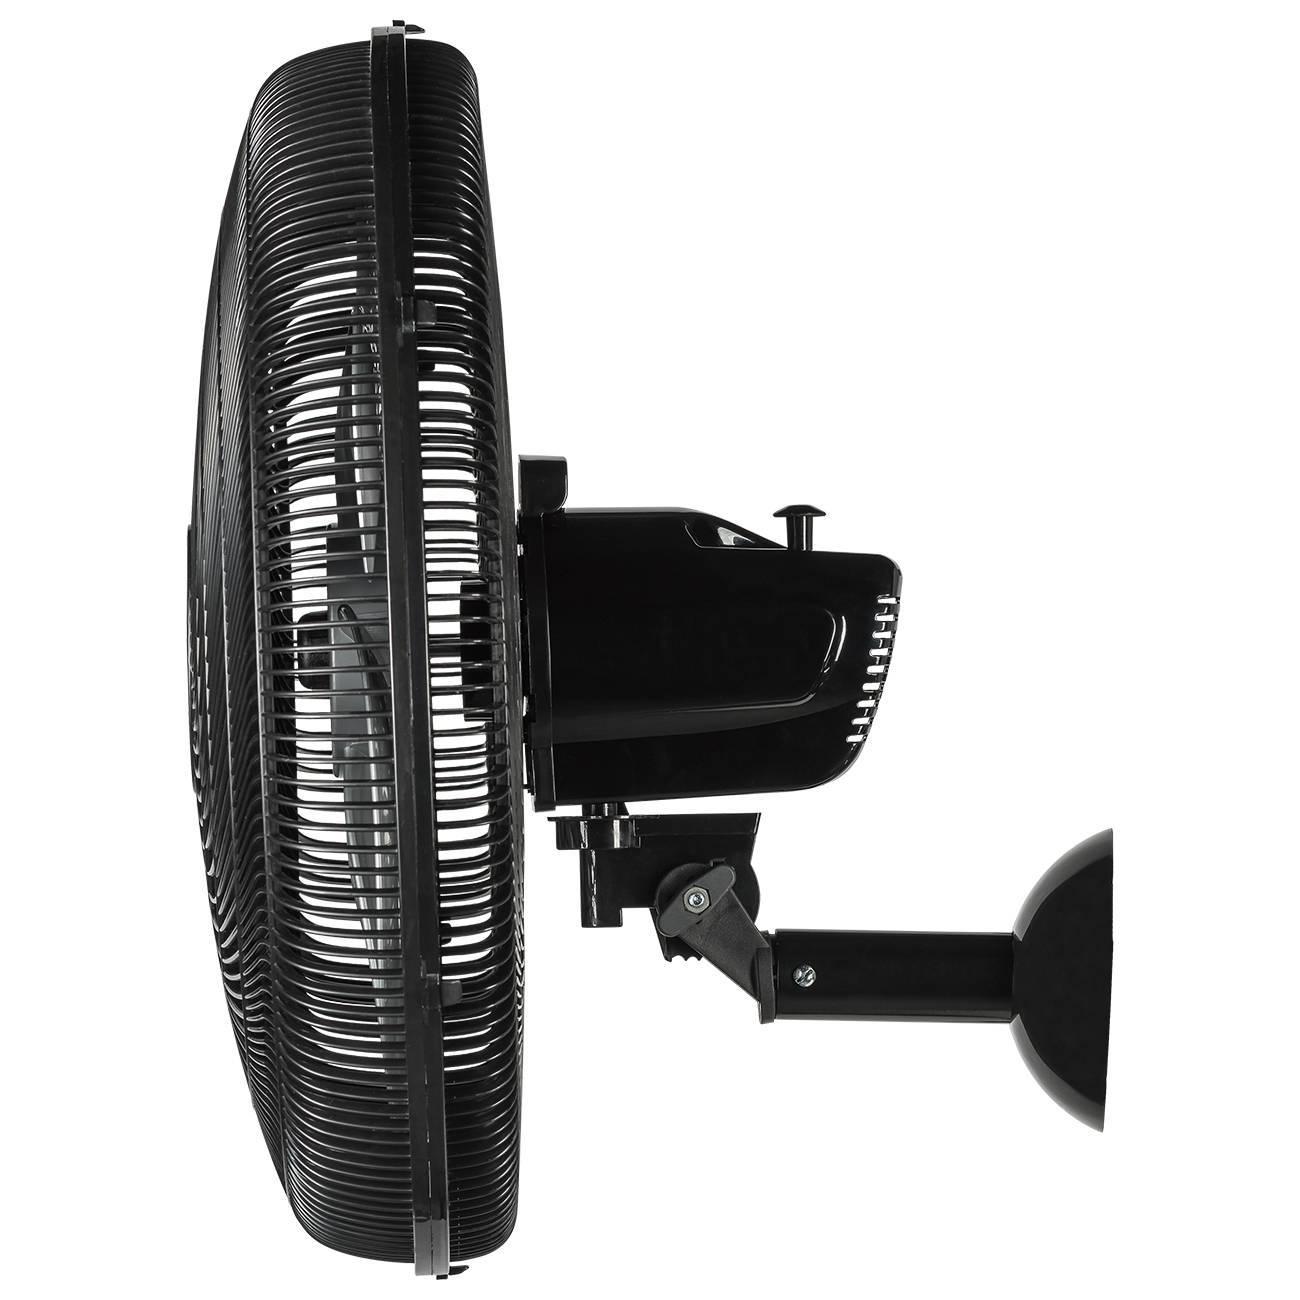 Ventilador De Parede Ponente Preto Four 50cm 4 Pás Controle  - LCGELETRO